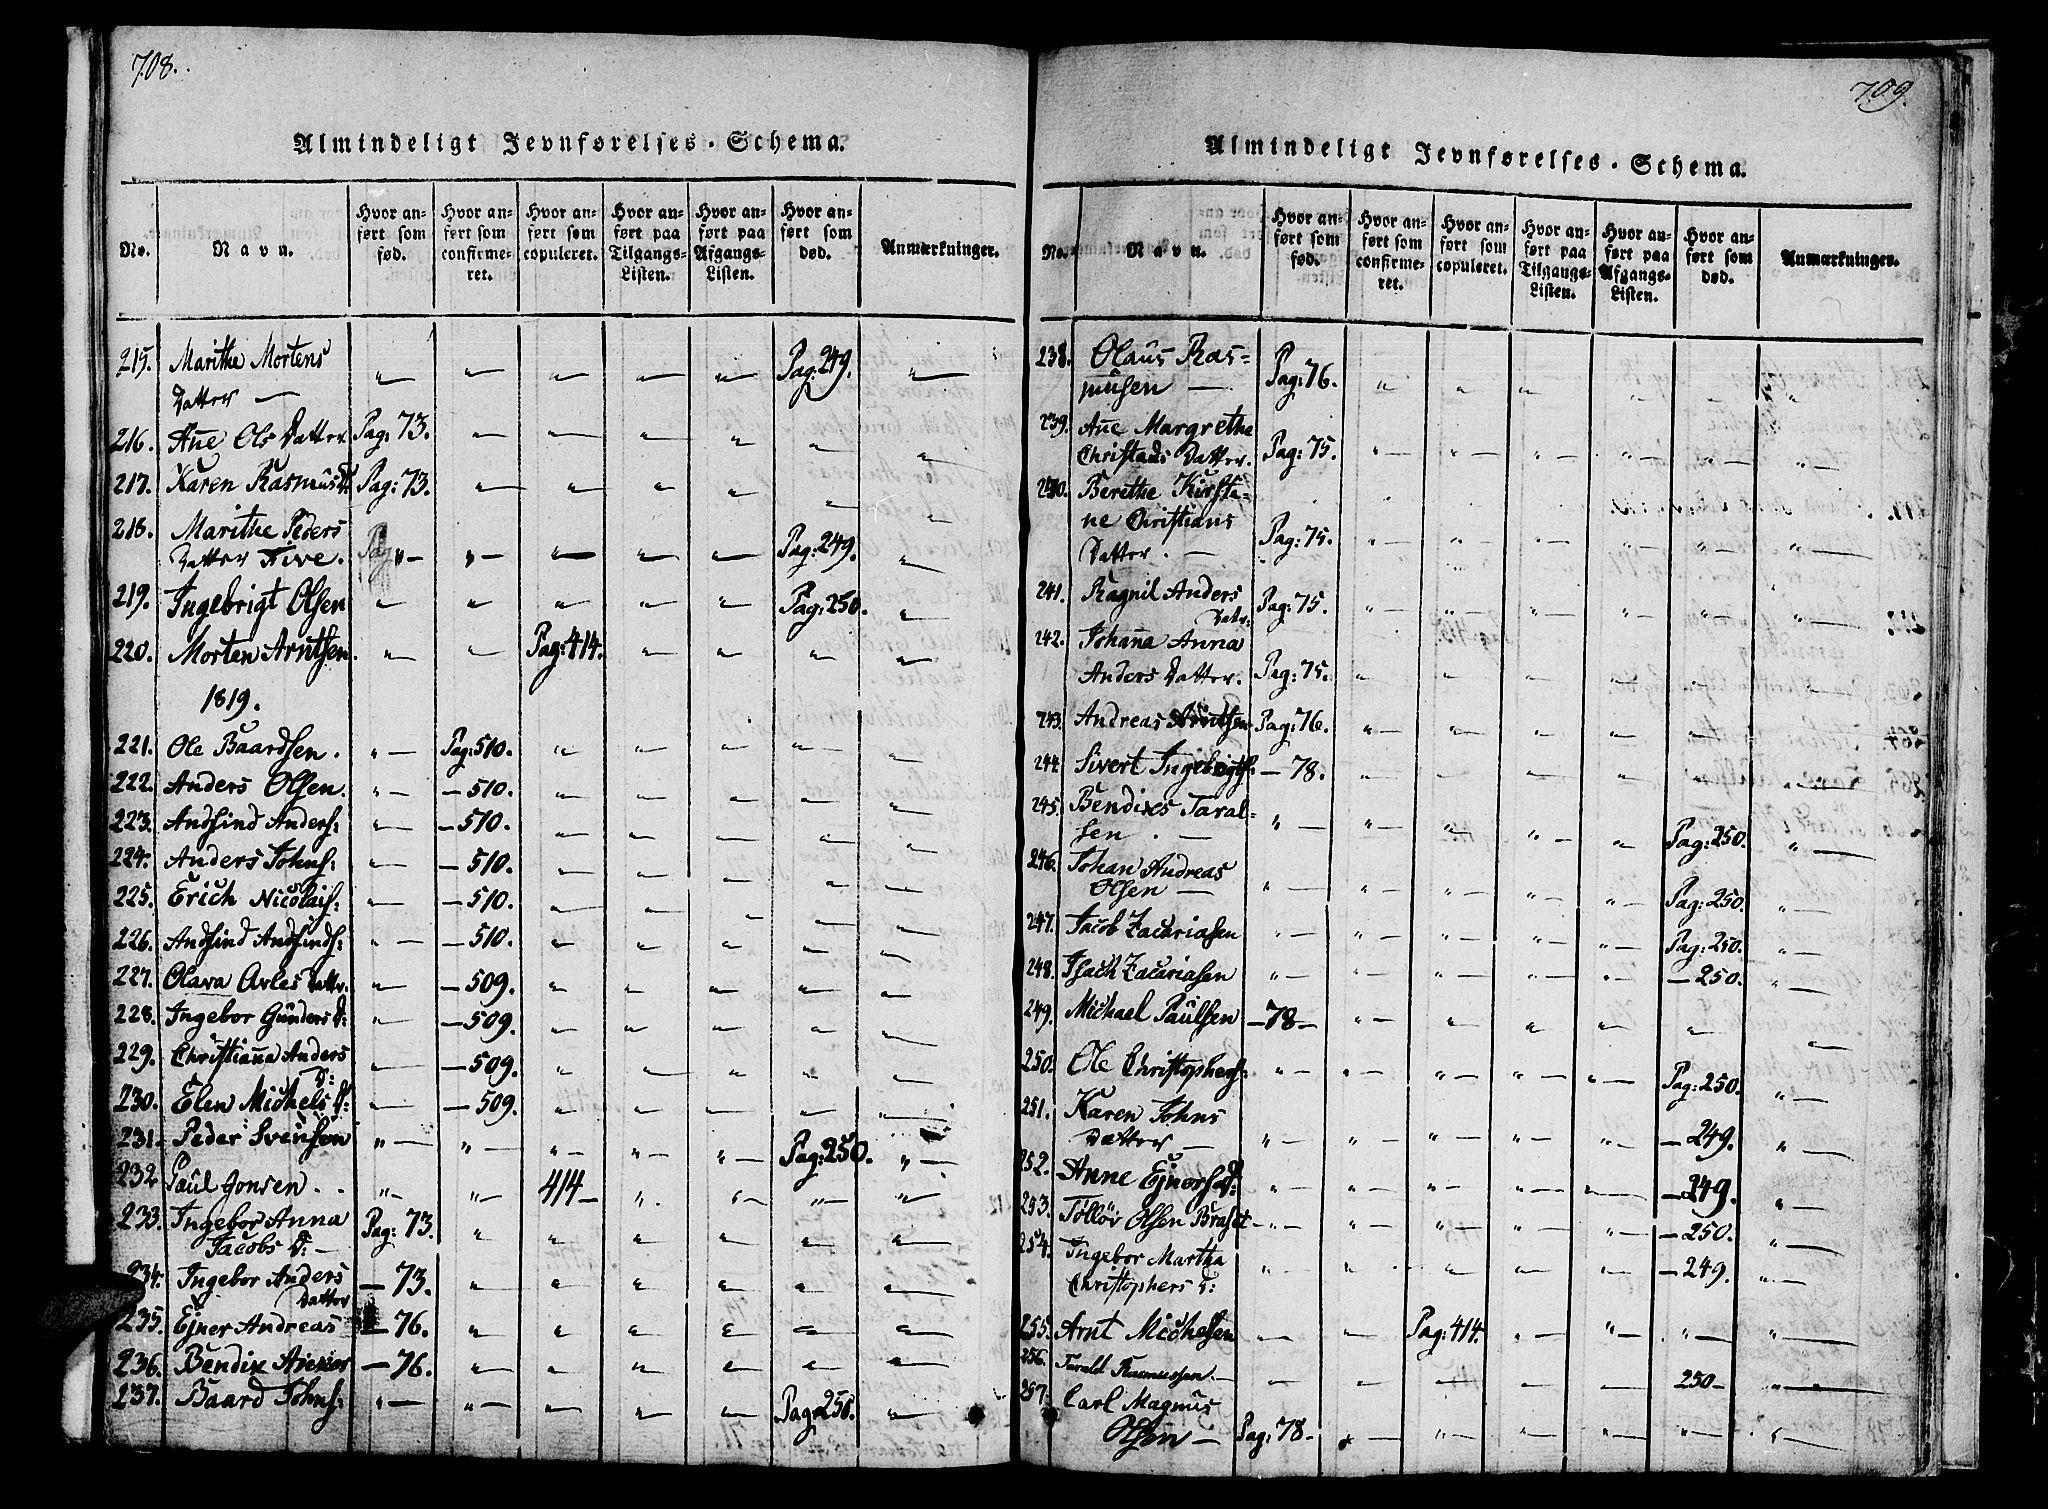 SAT, Ministerialprotokoller, klokkerbøker og fødselsregistre - Nord-Trøndelag, 746/L0441: Ministerialbok nr. 746A03 /2, 1816-1827, s. 708-709